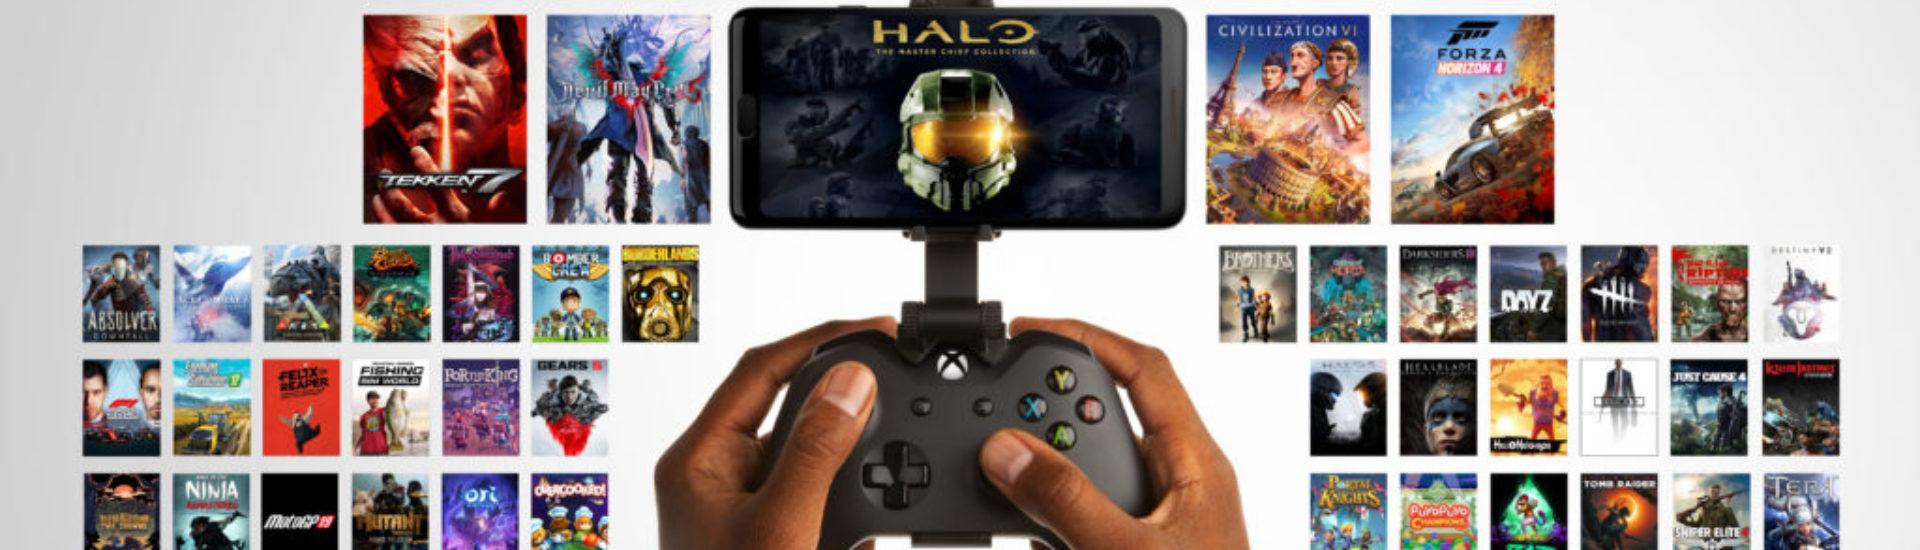 Xbox Series X/S-Spiele ohne Konsole spielbar